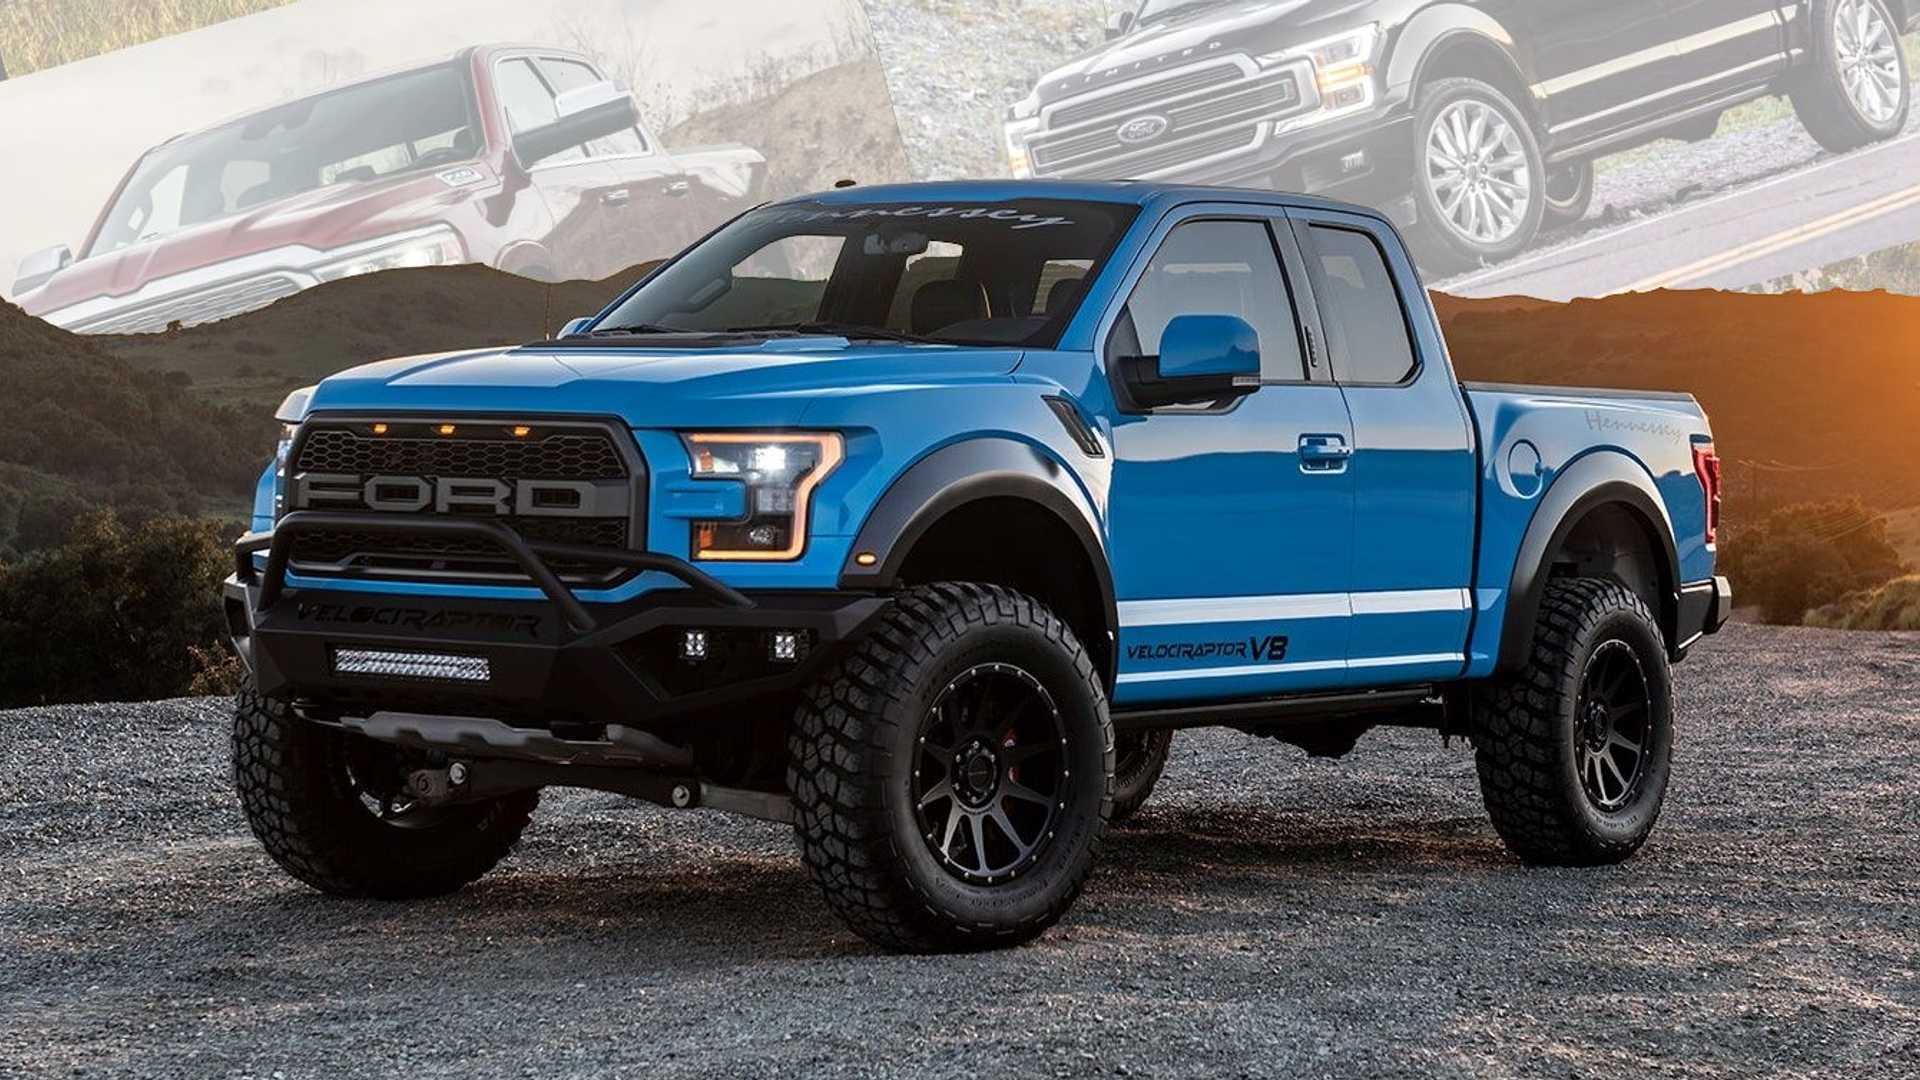 Fastest Pickup Trucks for 2020 - 2021 (Best 0-60) | Motor1.com